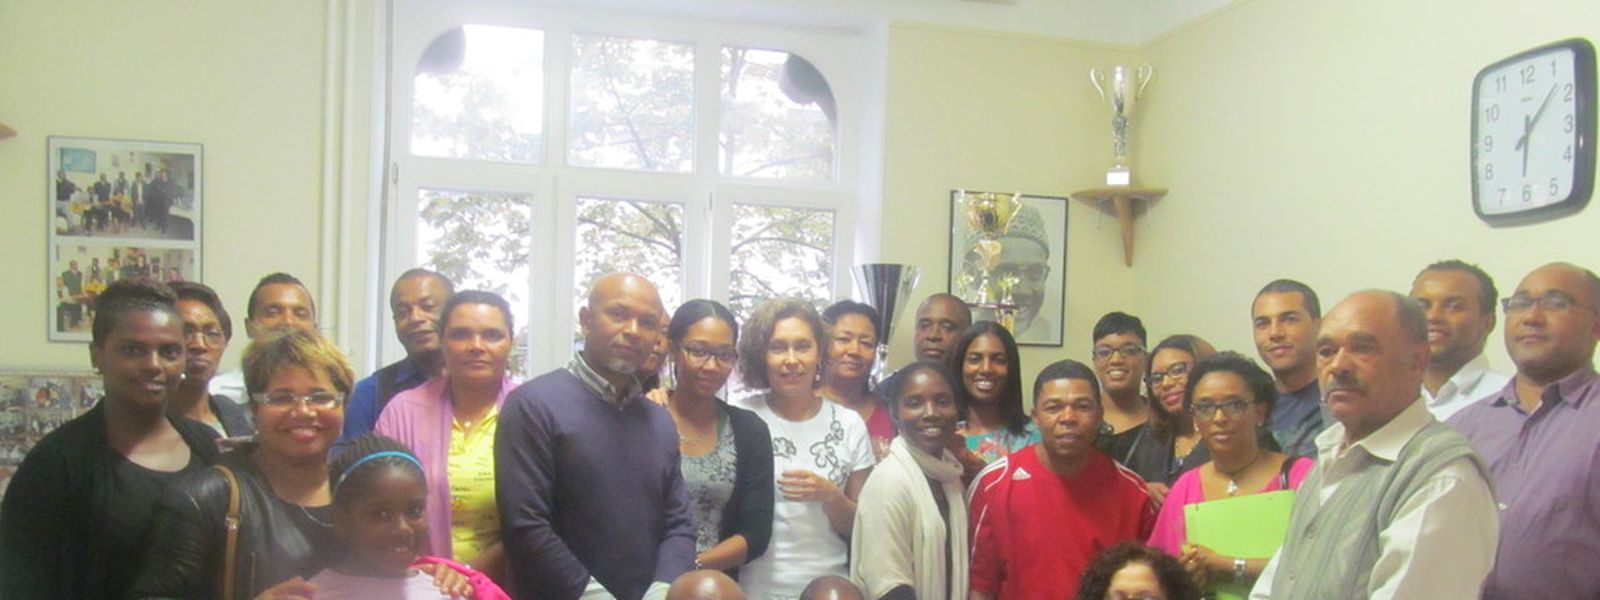 José Henrique (quarto à direita) e Neusa Monteiro (ao centro, de branco) vão liderar as duas associações